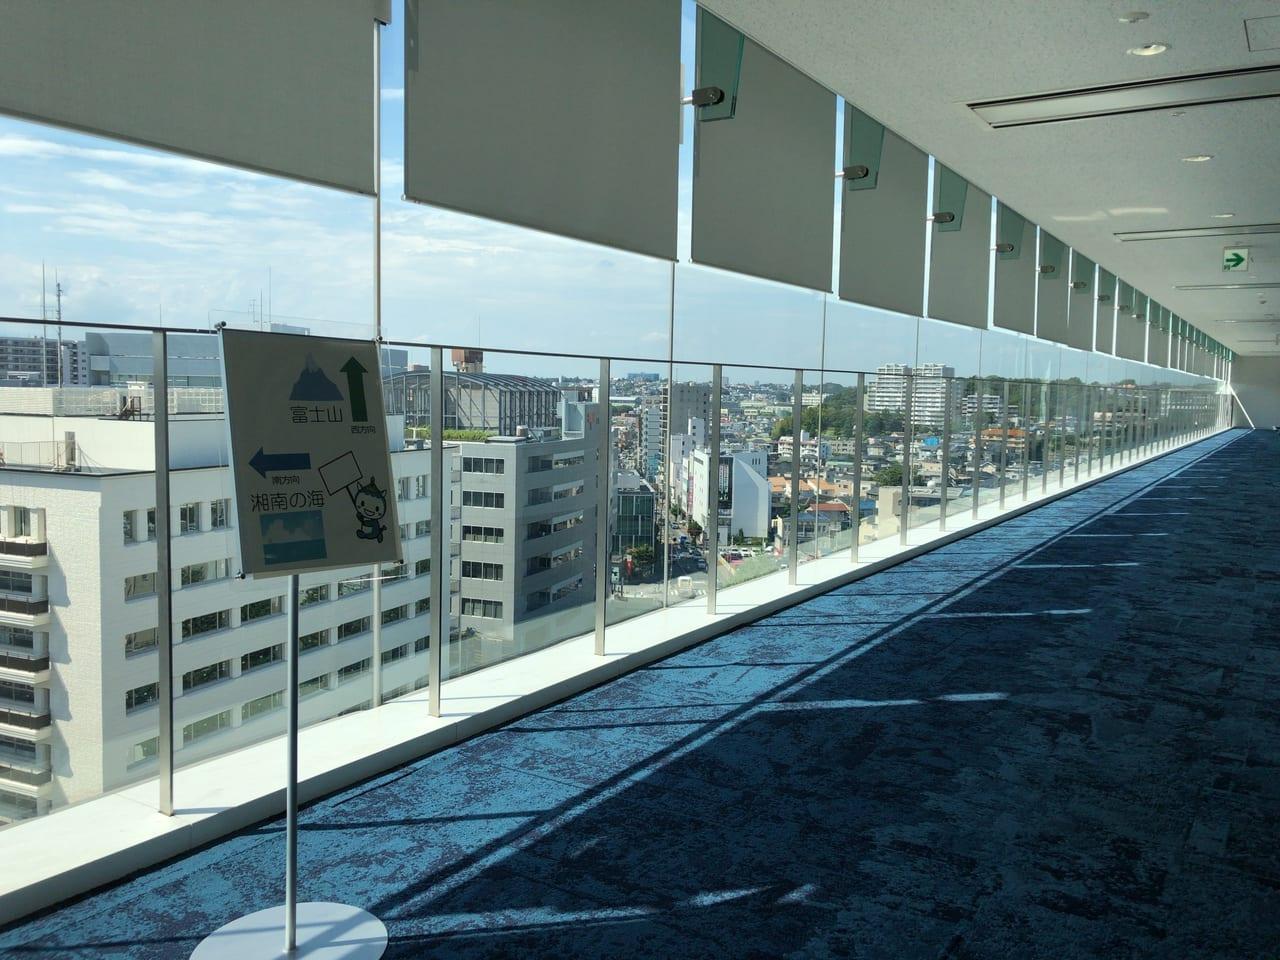 藤沢市役所の展望デッキ9階